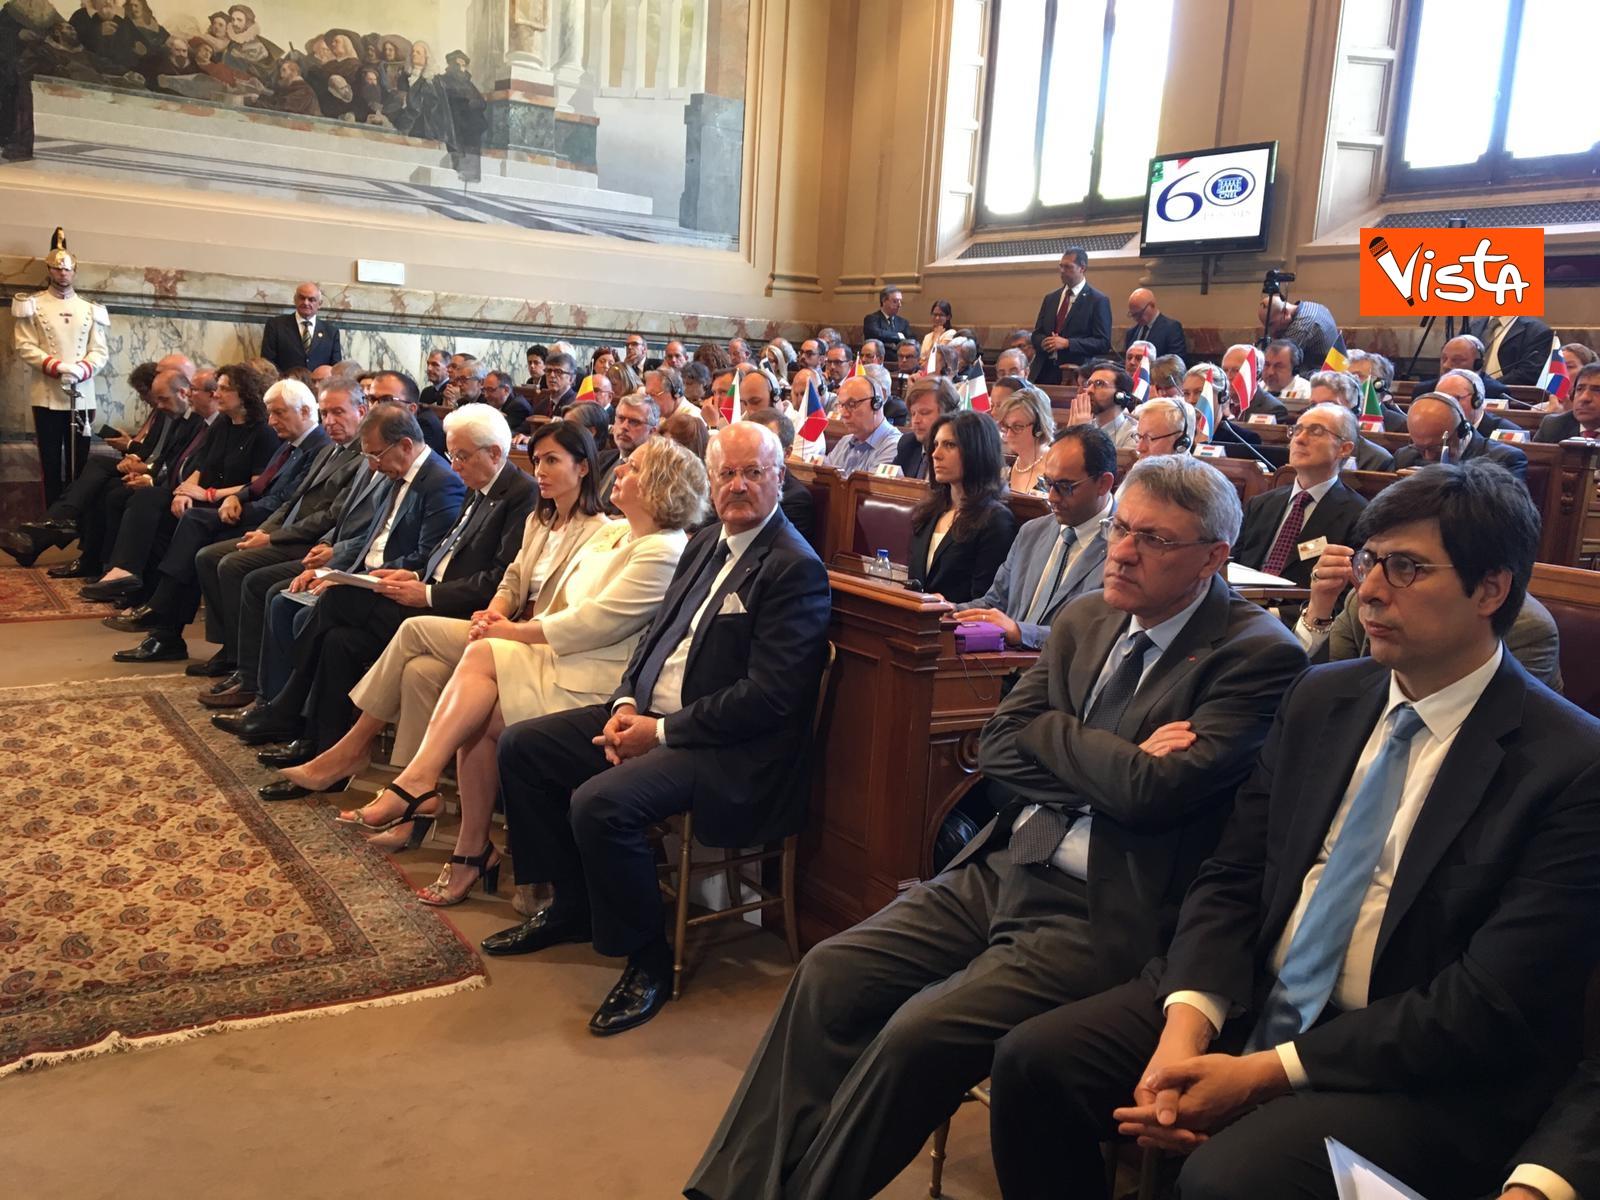 13-06-19 Mattarella a riunione Cnel europei a Roma